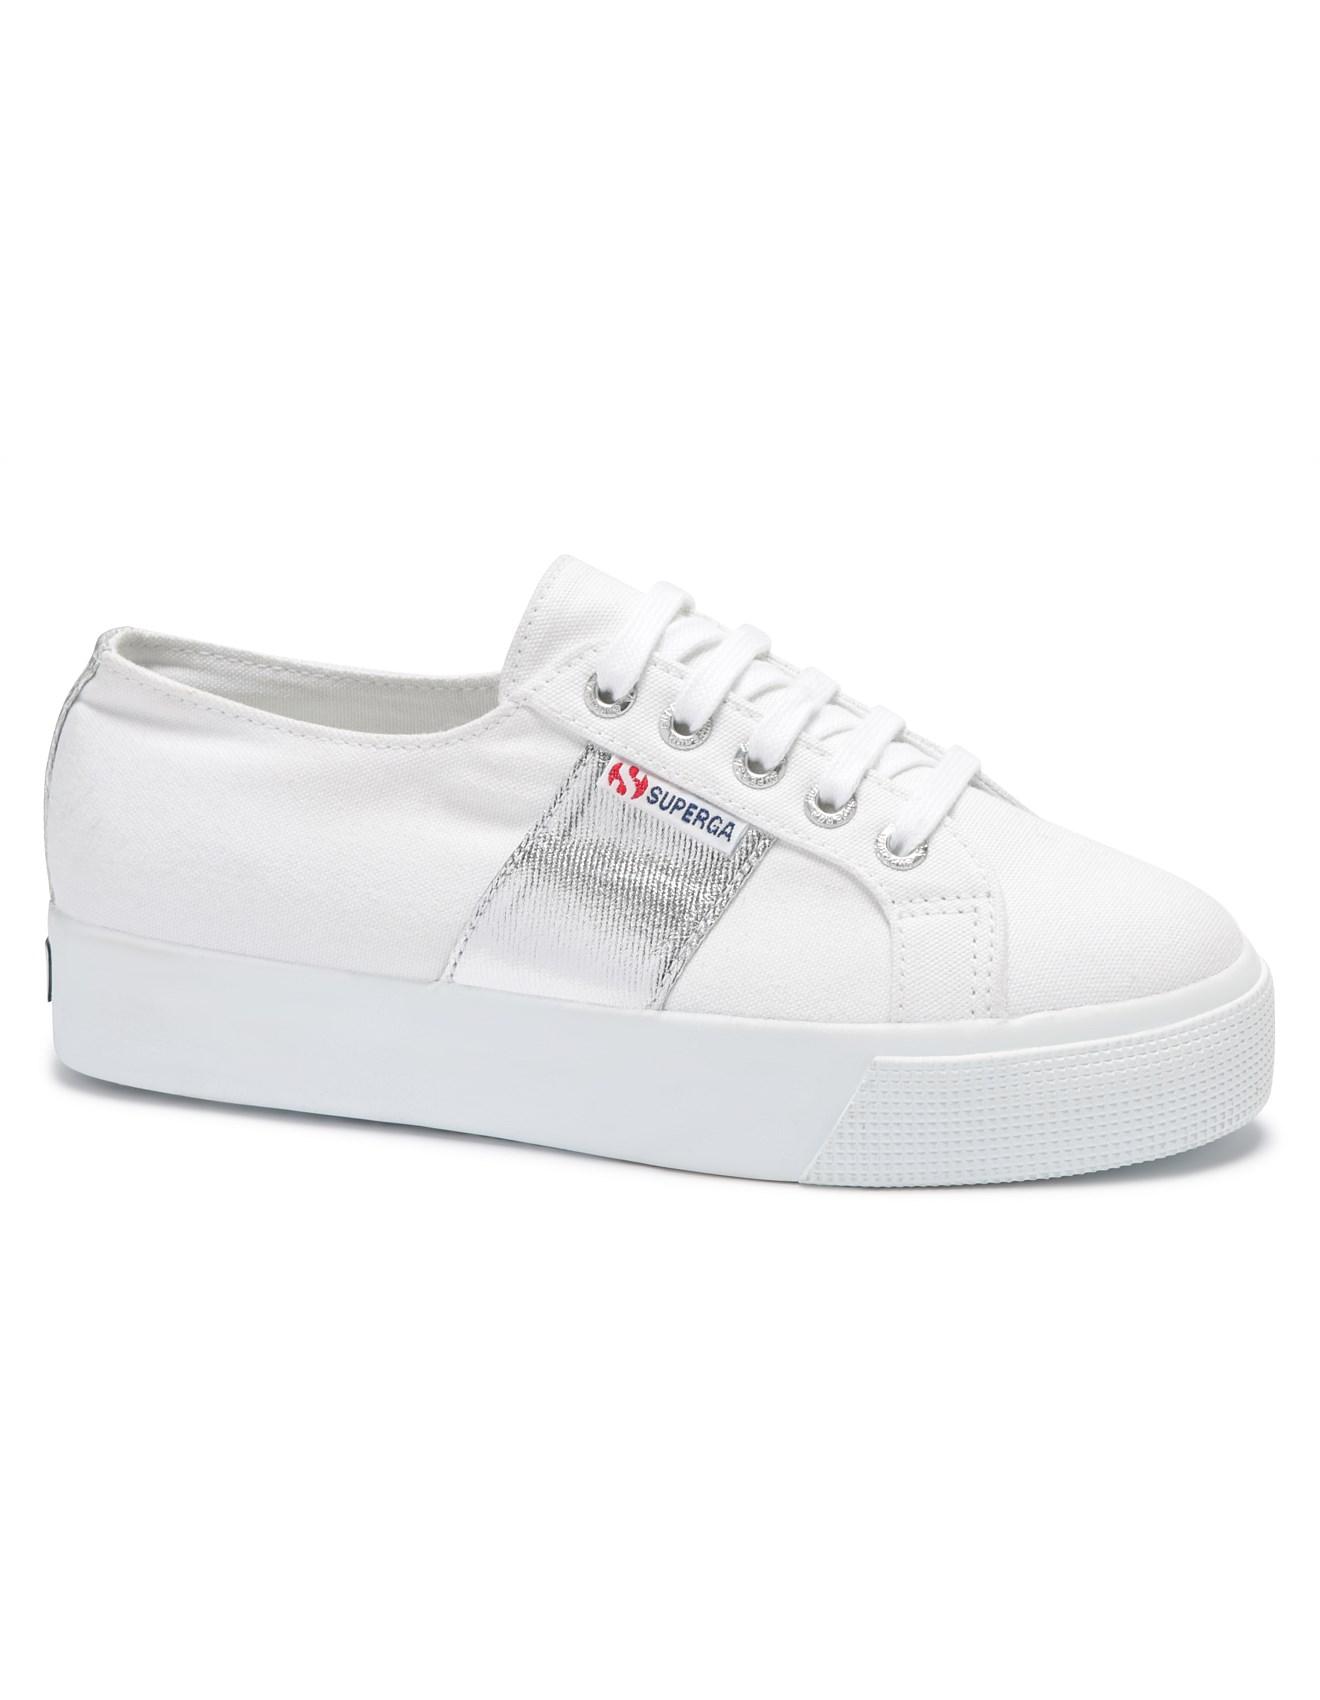 David Jones - 2730-Cotcotmetw Sneaker